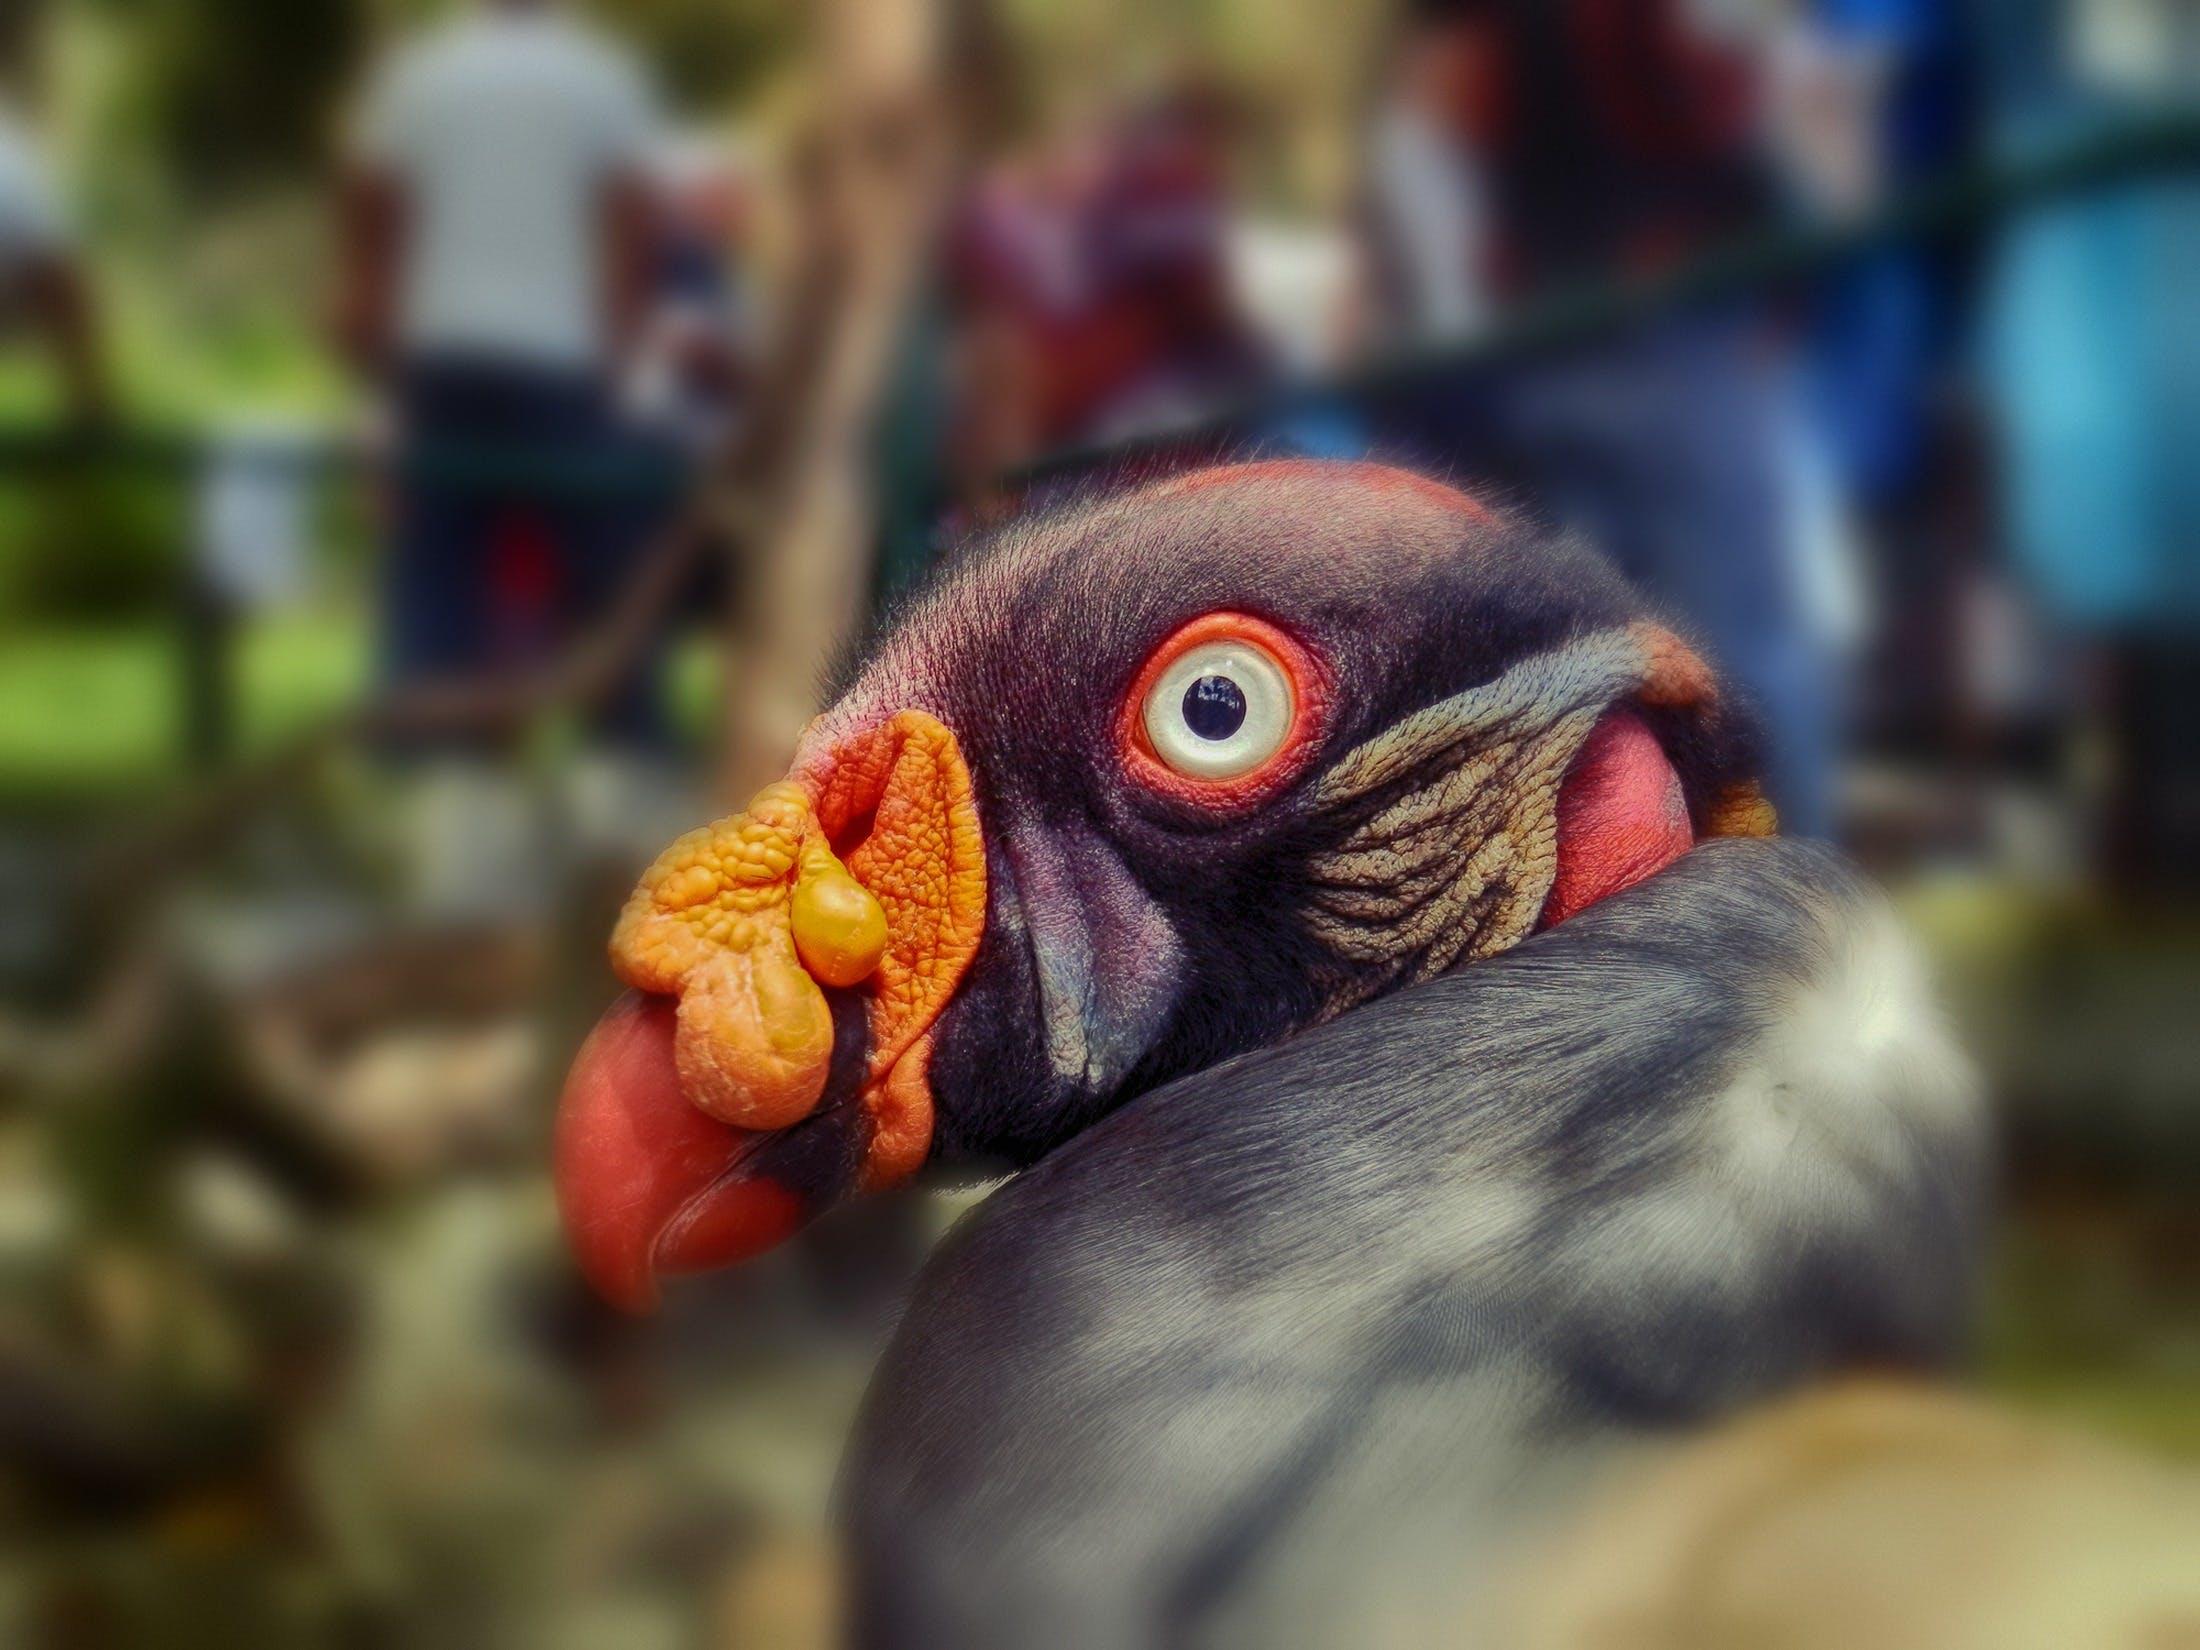 Gratis lagerfoto af close-up, dyr, eksotisk fugl, farverig